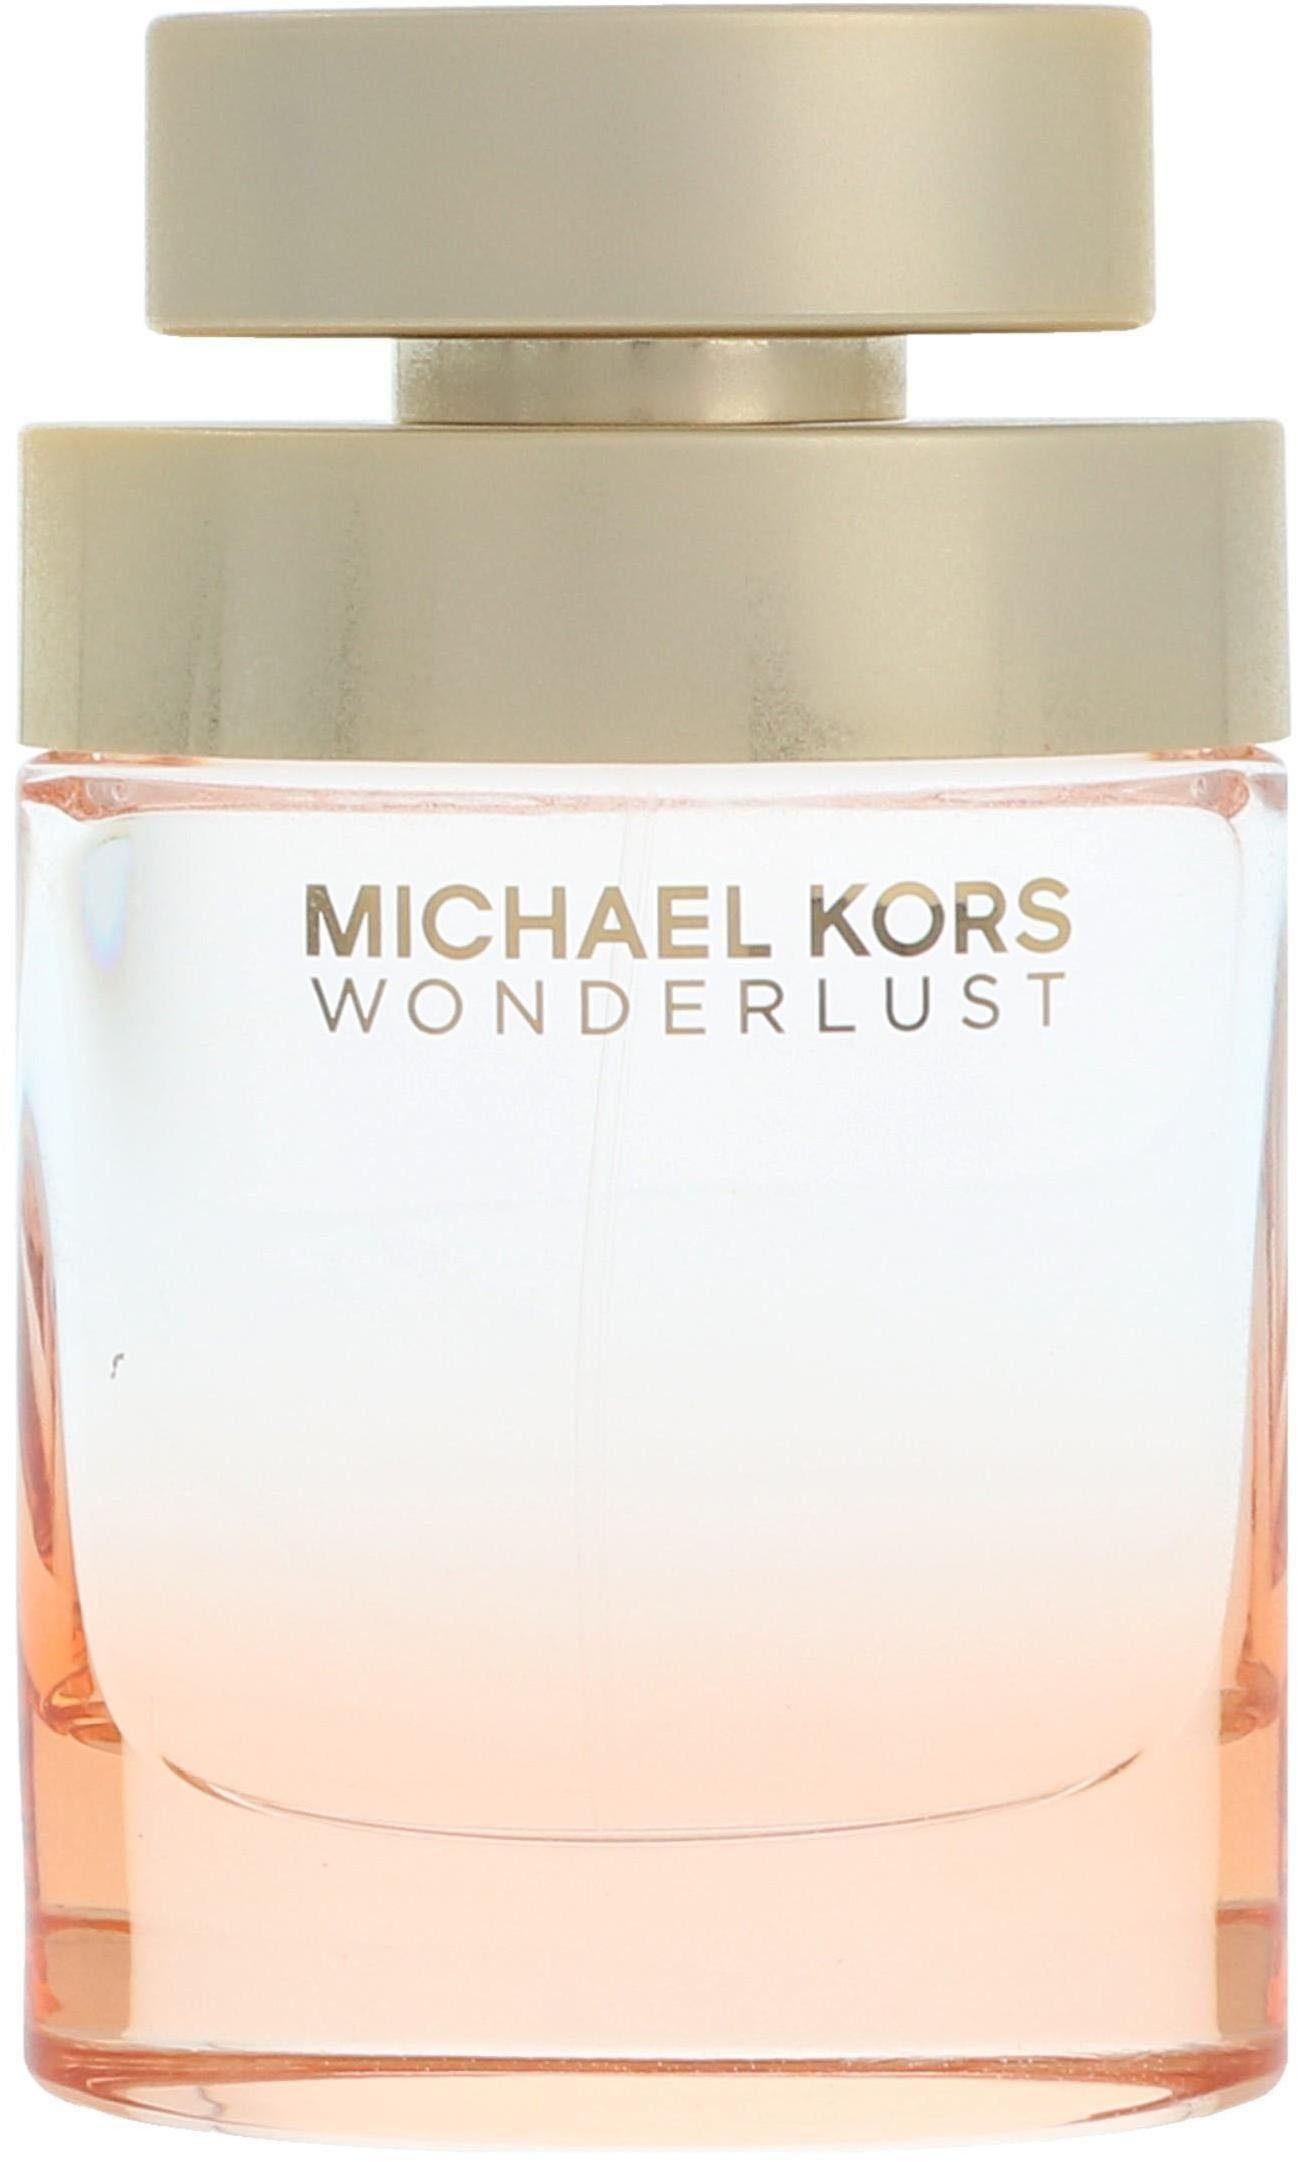 Michael Kors, »Wonderlust«, Eau de Parfum